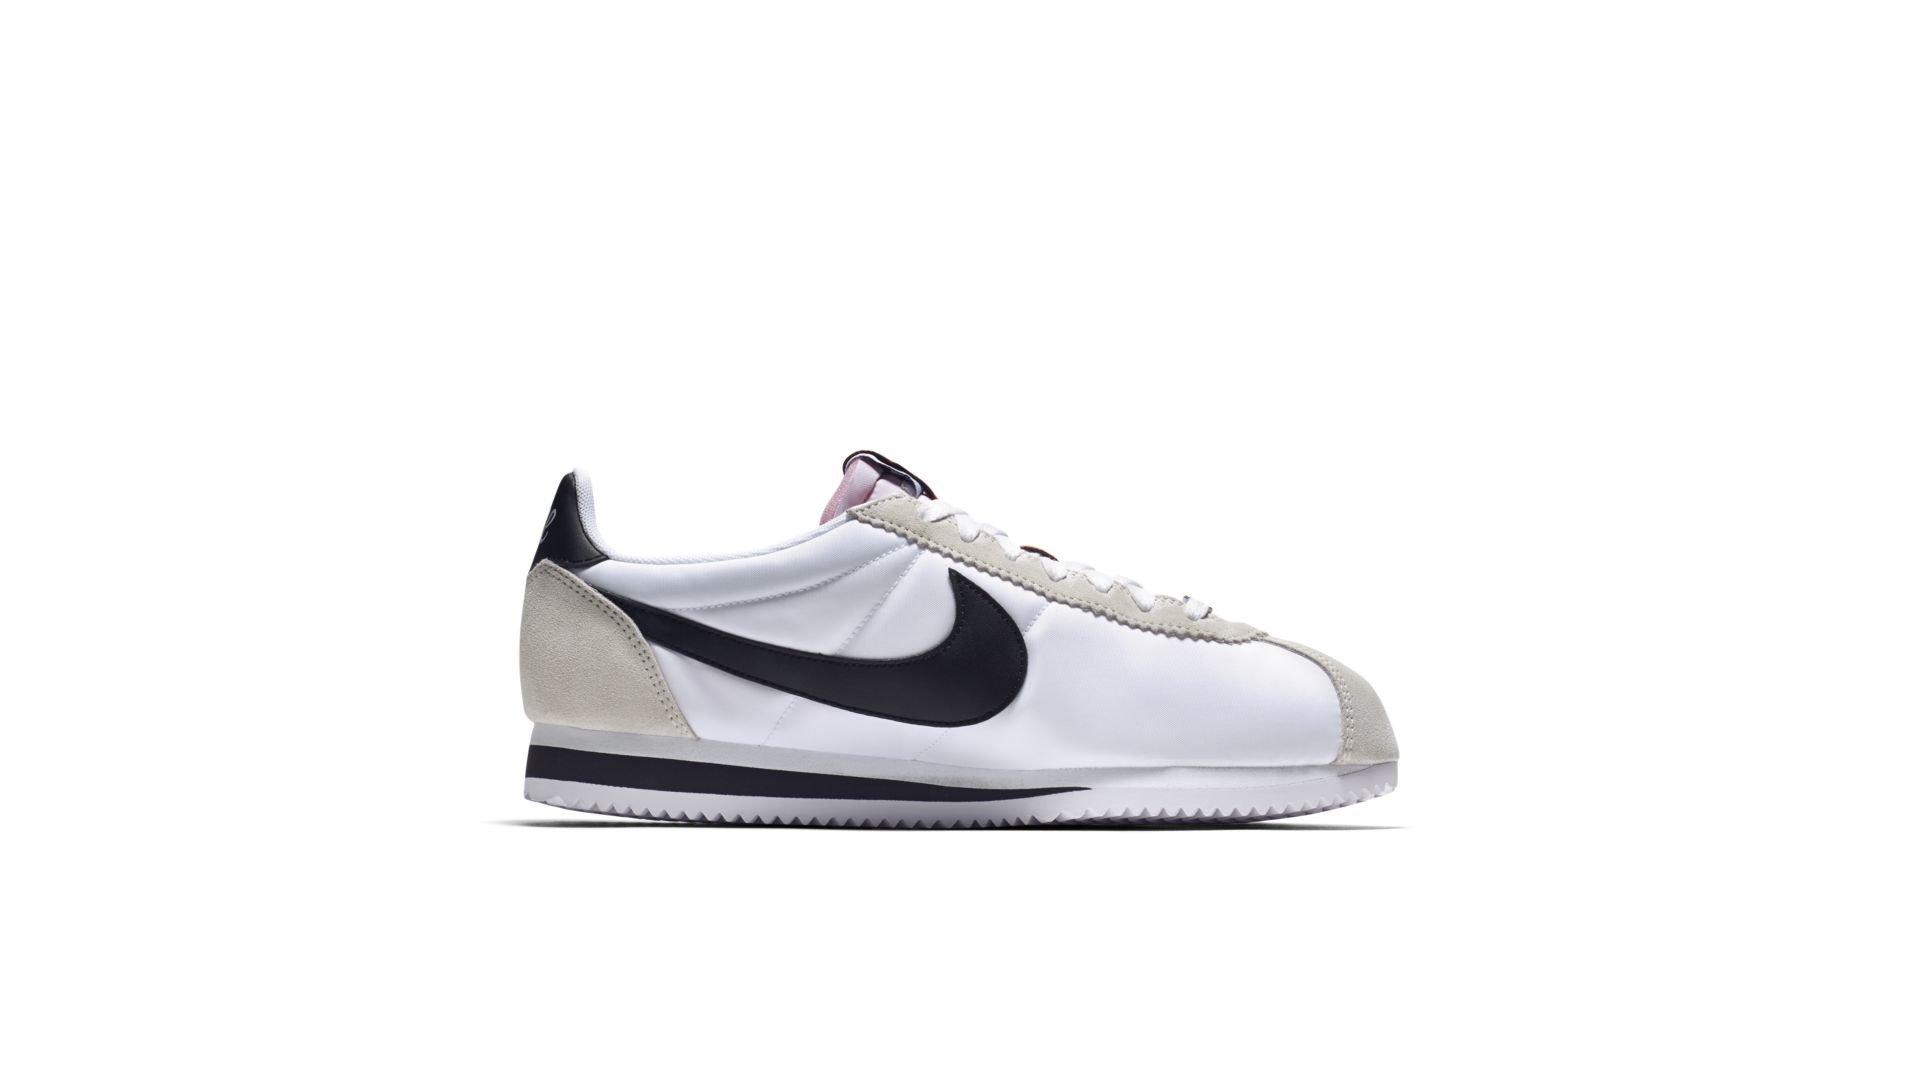 Nike Classic Cortez Be True (2017) (902806-100)